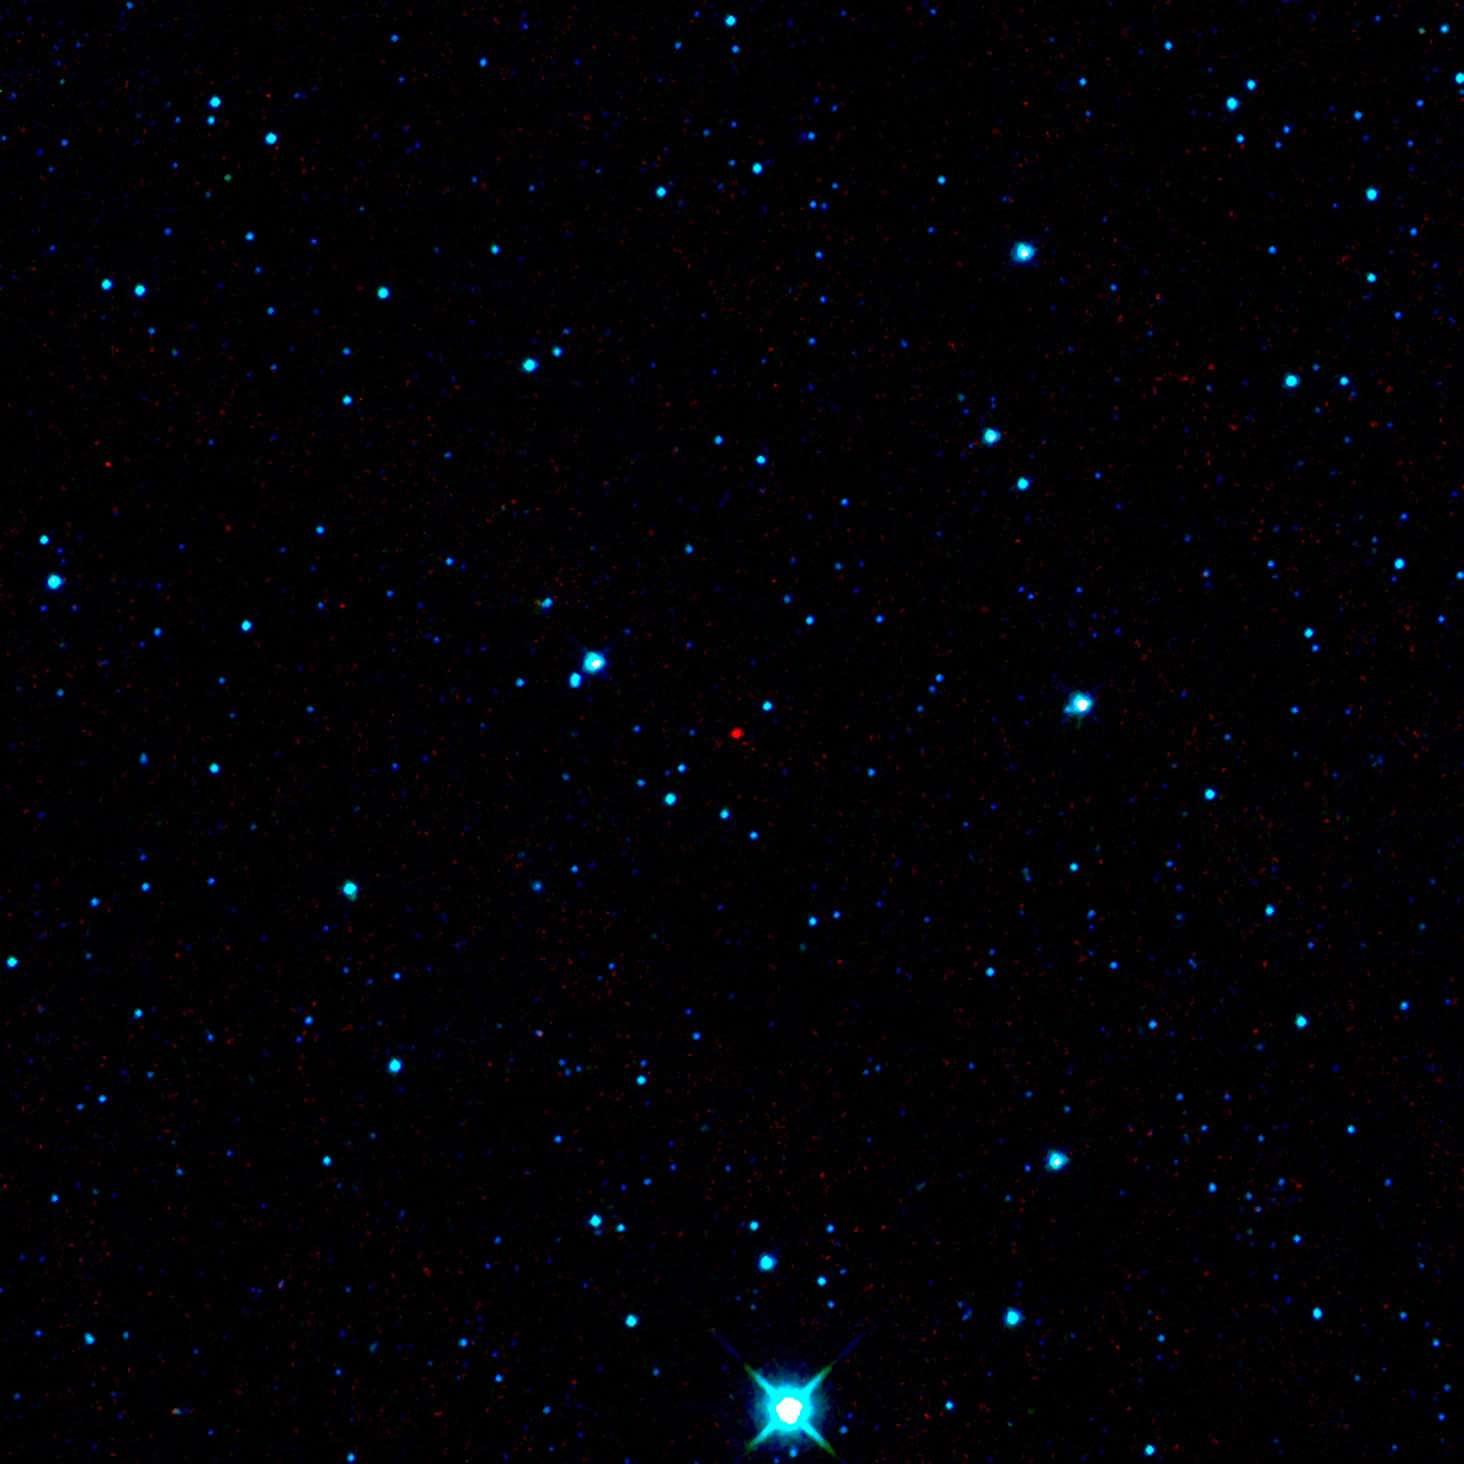 Bien que difficilement observables dans le visible, les astéroïdes sombres se découvrent pour peu qu'on les observe dans l'infrarouge. Ici le premier astéroïde découvert par le télescope spatial Wise de la Nasa (point rouge). Crédits Nasa/JPL-Caltech/Ucla